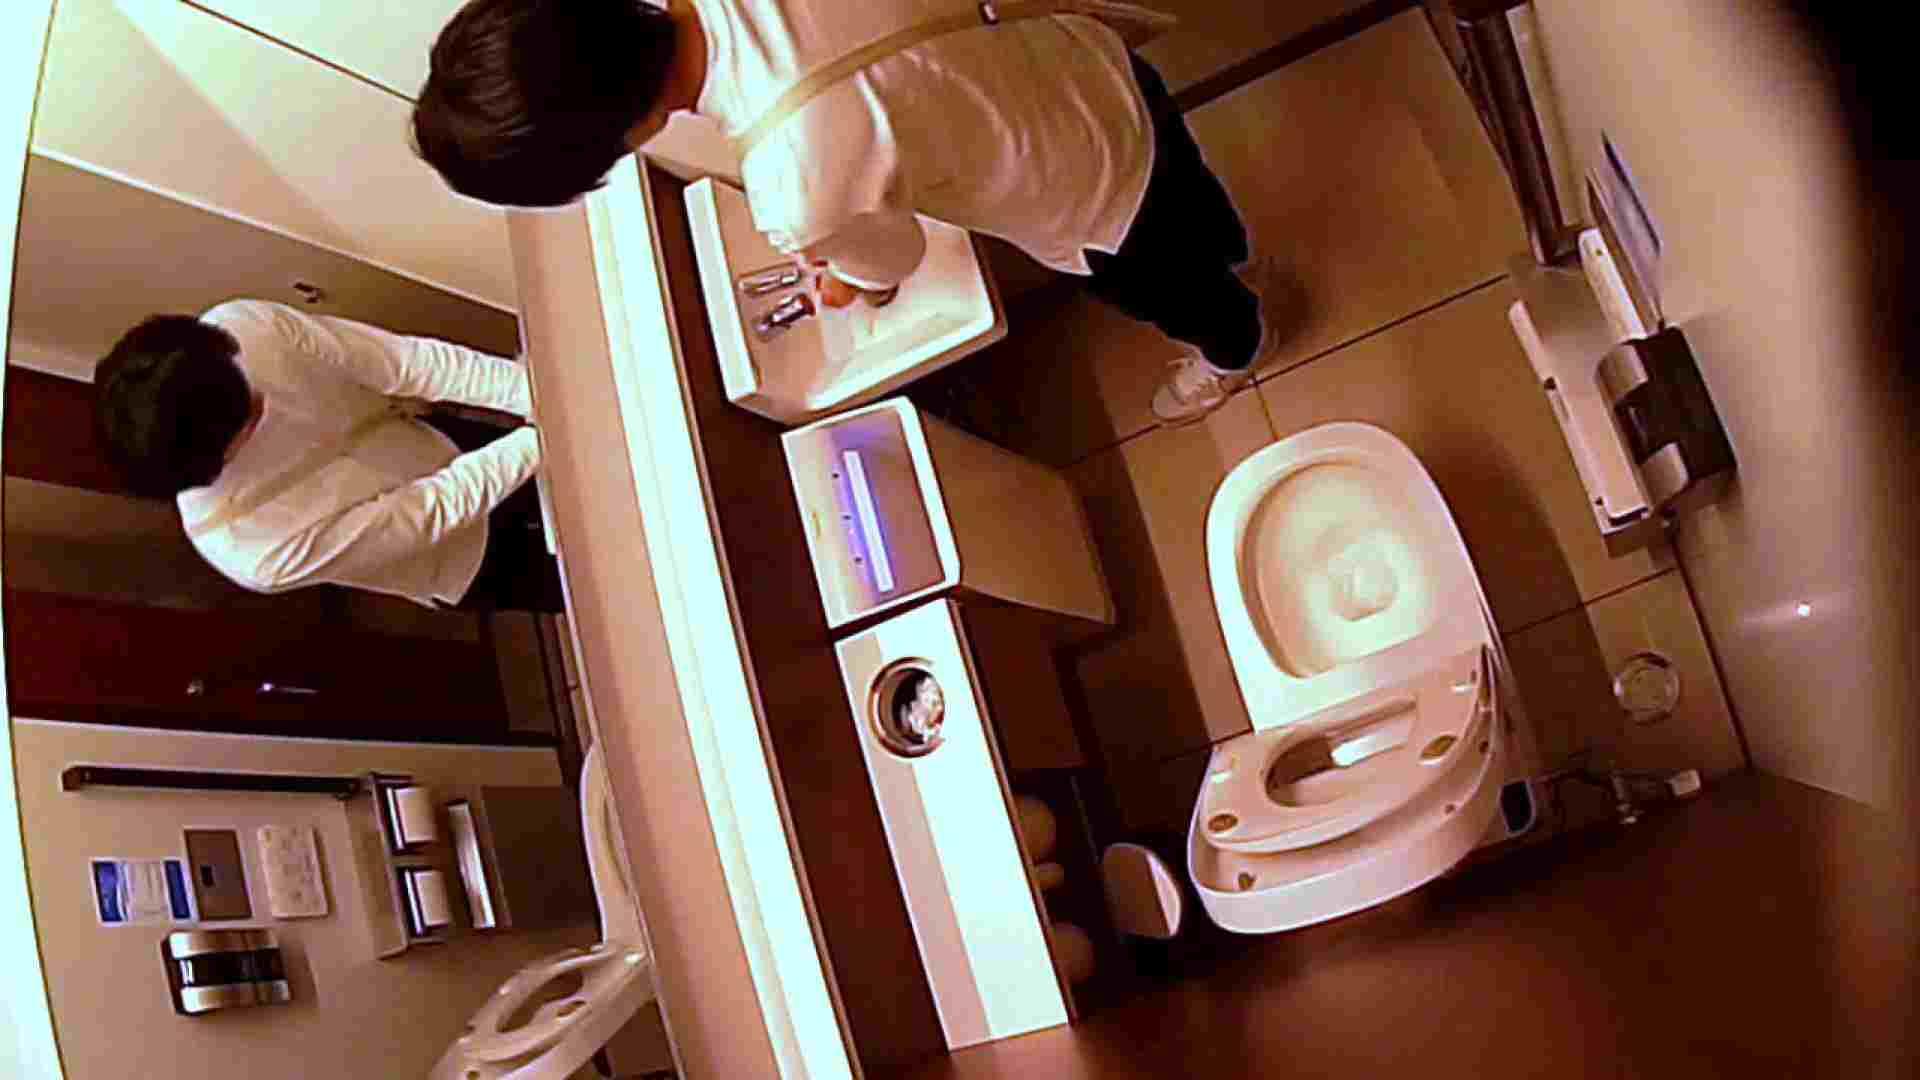 すみませんが覗かせてください Vol.32 トイレ | 0  61連発 61